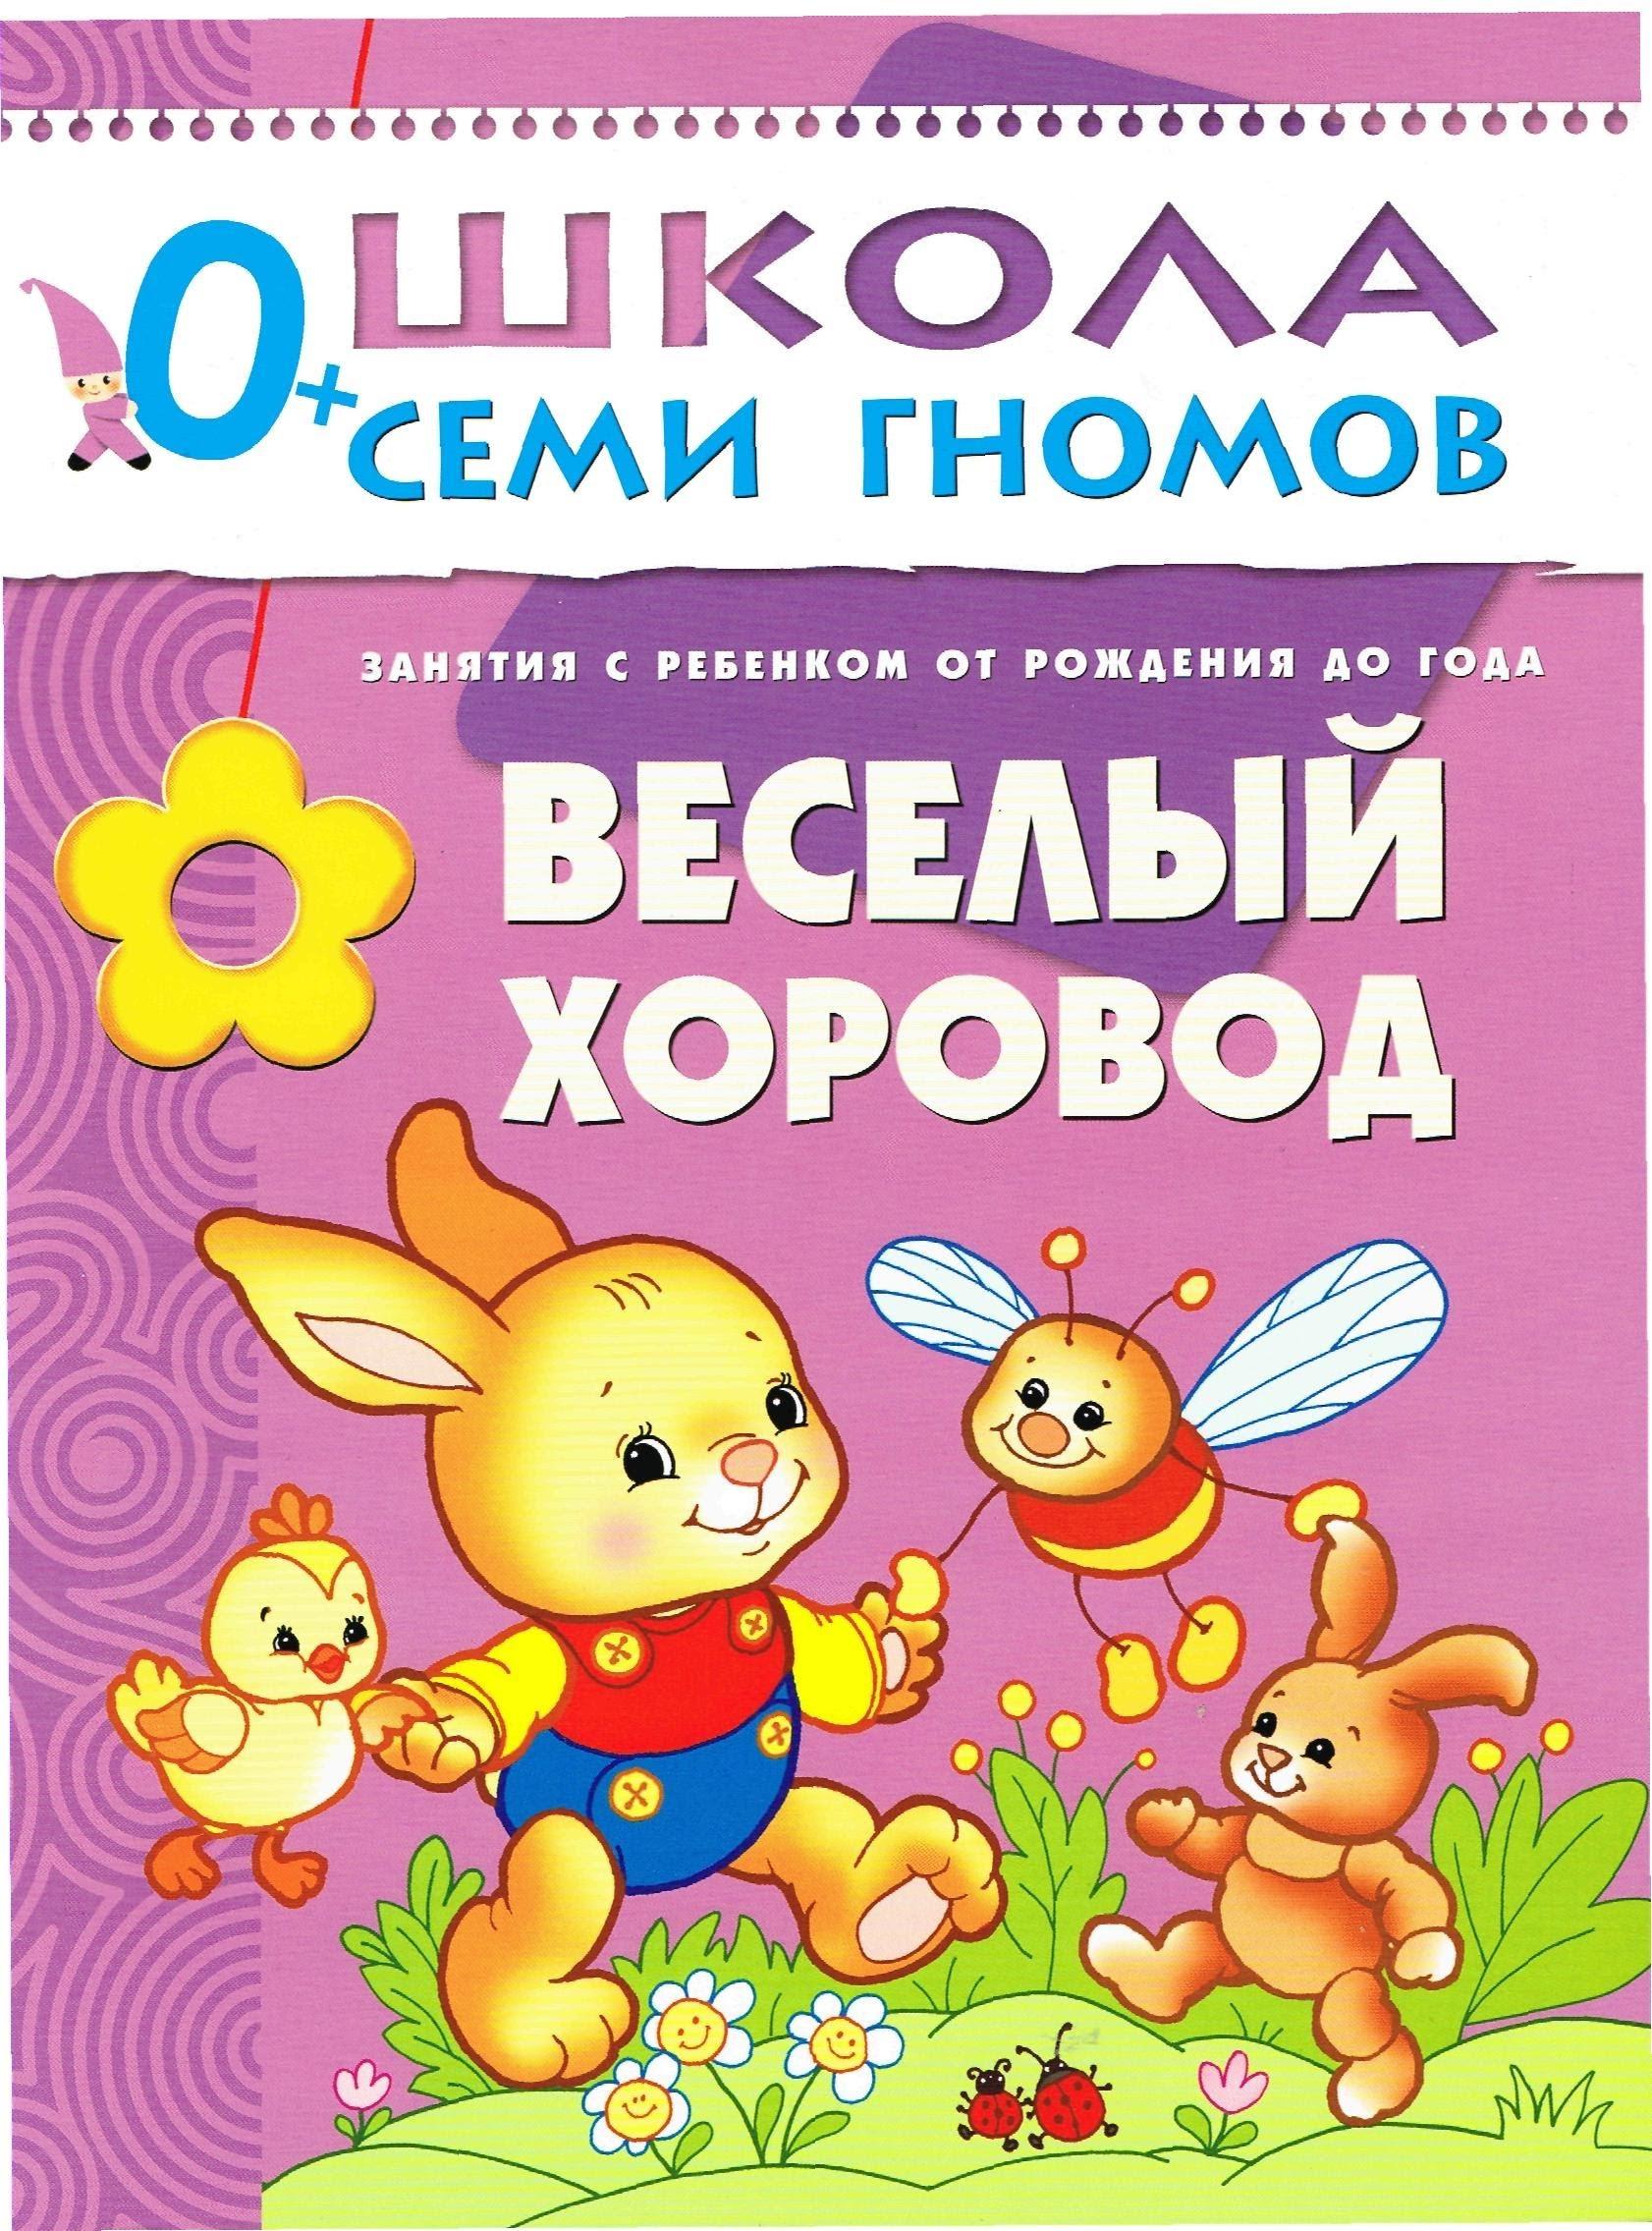 Книга Школа Семи Гномов - Веселый хоровод, первый год обученияРазвивающие пособия и умные карточки<br>Книга Школа Семи Гномов - Веселый хоровод, первый год обучения<br>